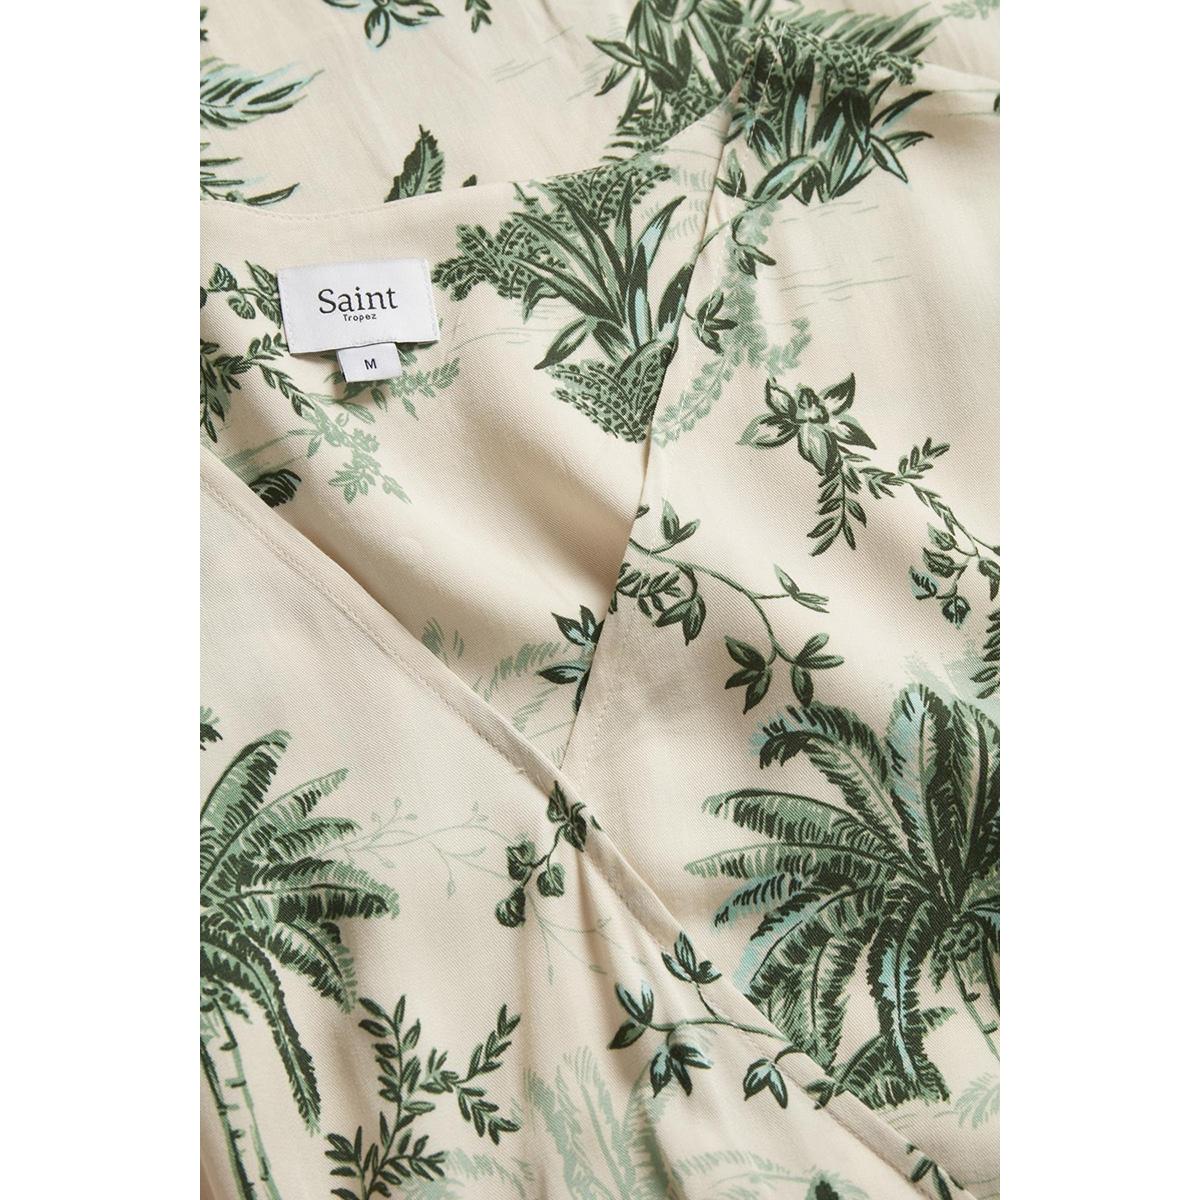 adasz ss dress summer palm print 30510308 saint tropez jurk 131308 creme